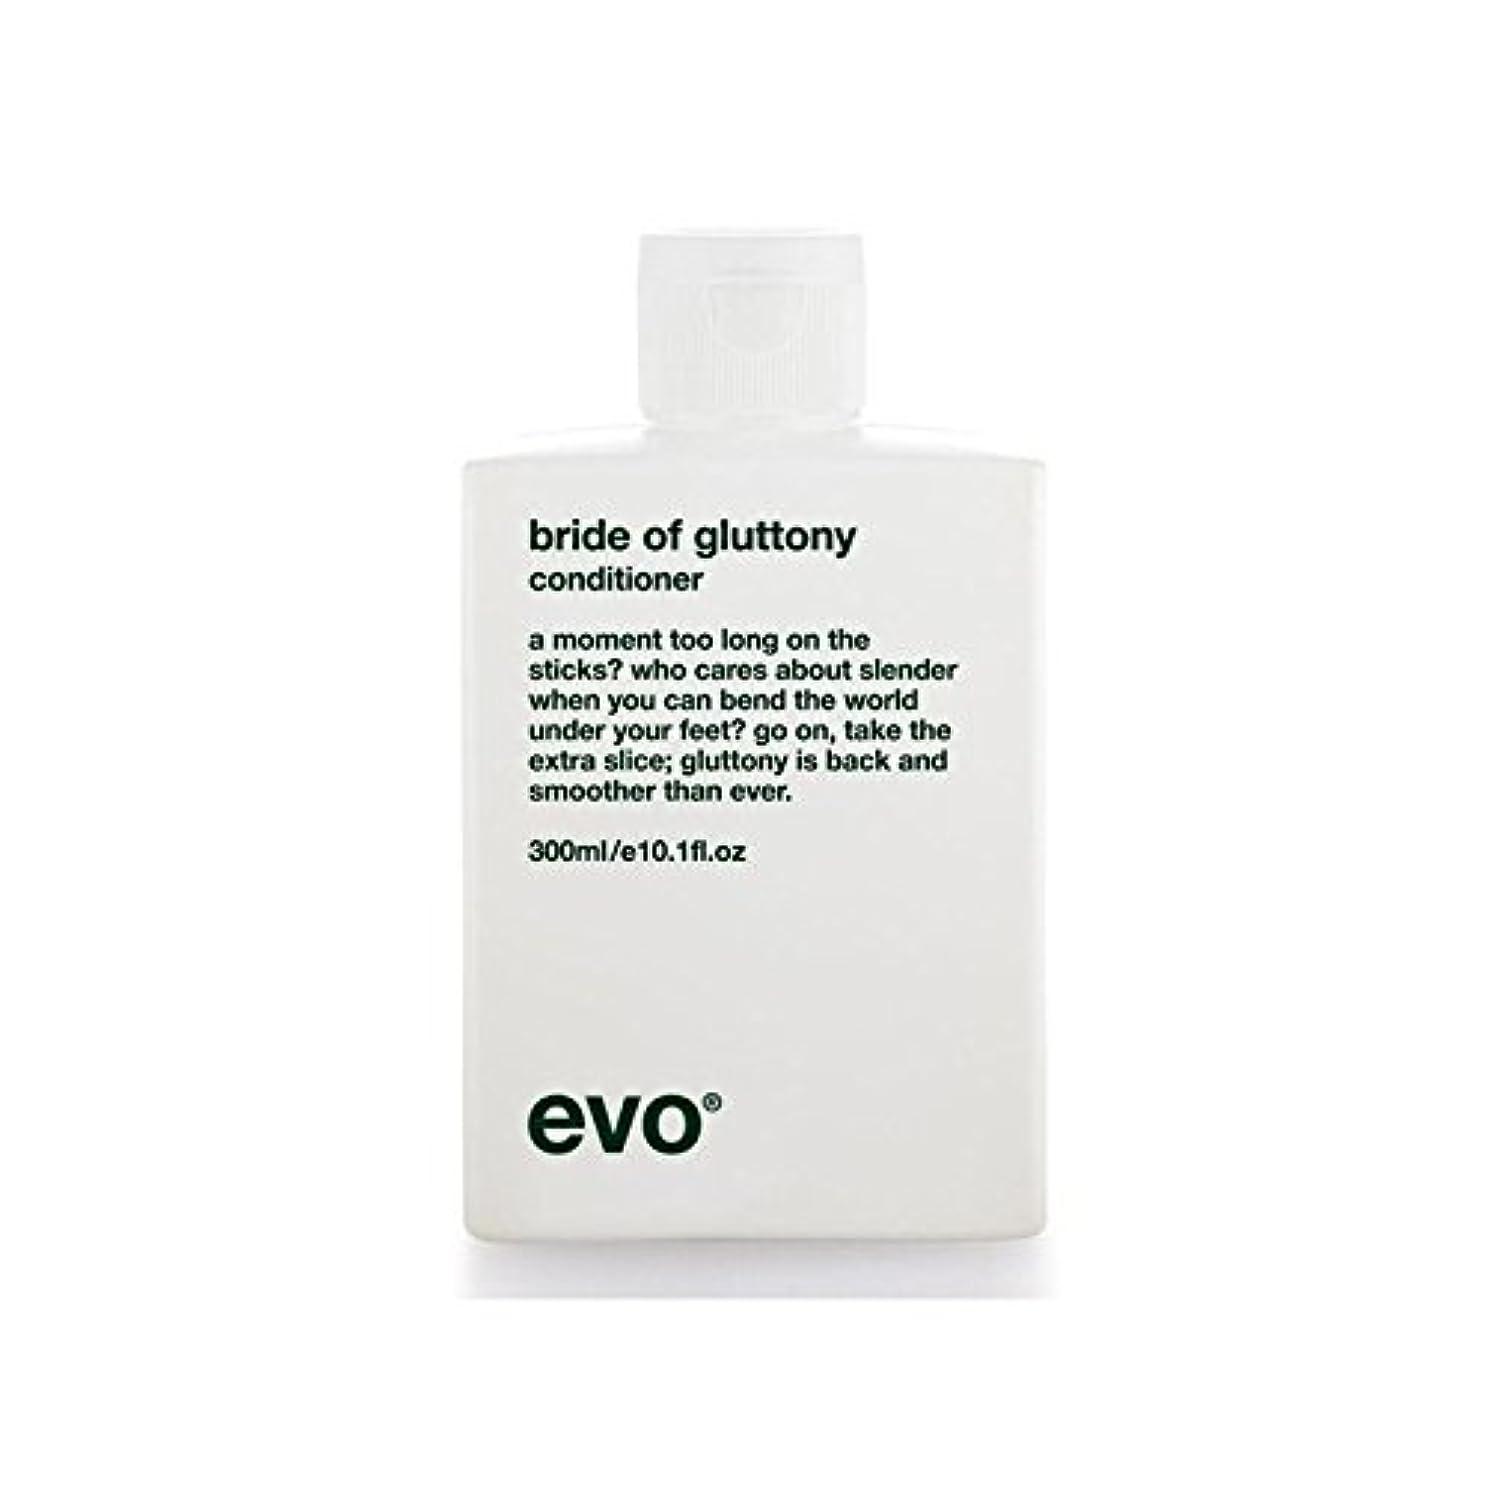 証言寸法真実に飽食のボリュームコンディショナーのエボ花嫁 x2 - Evo Bride Of Gluttony Volume Conditioner (Pack of 2) [並行輸入品]